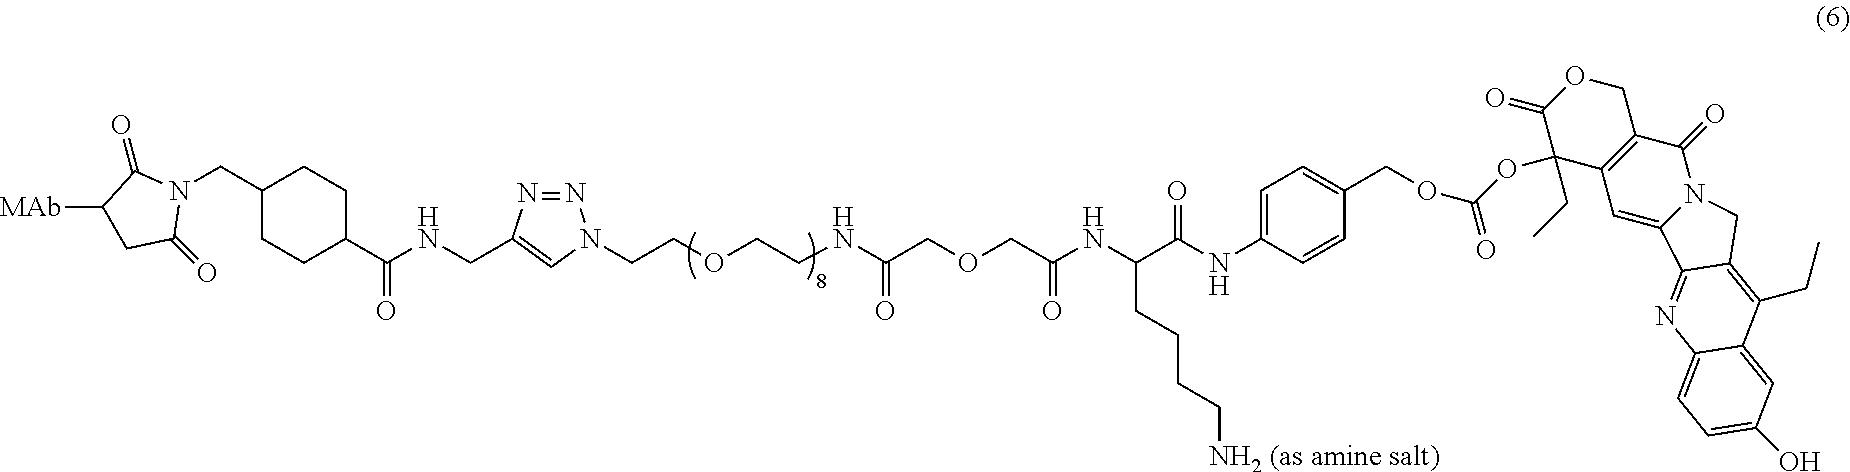 Figure US10265414-20190423-C00006